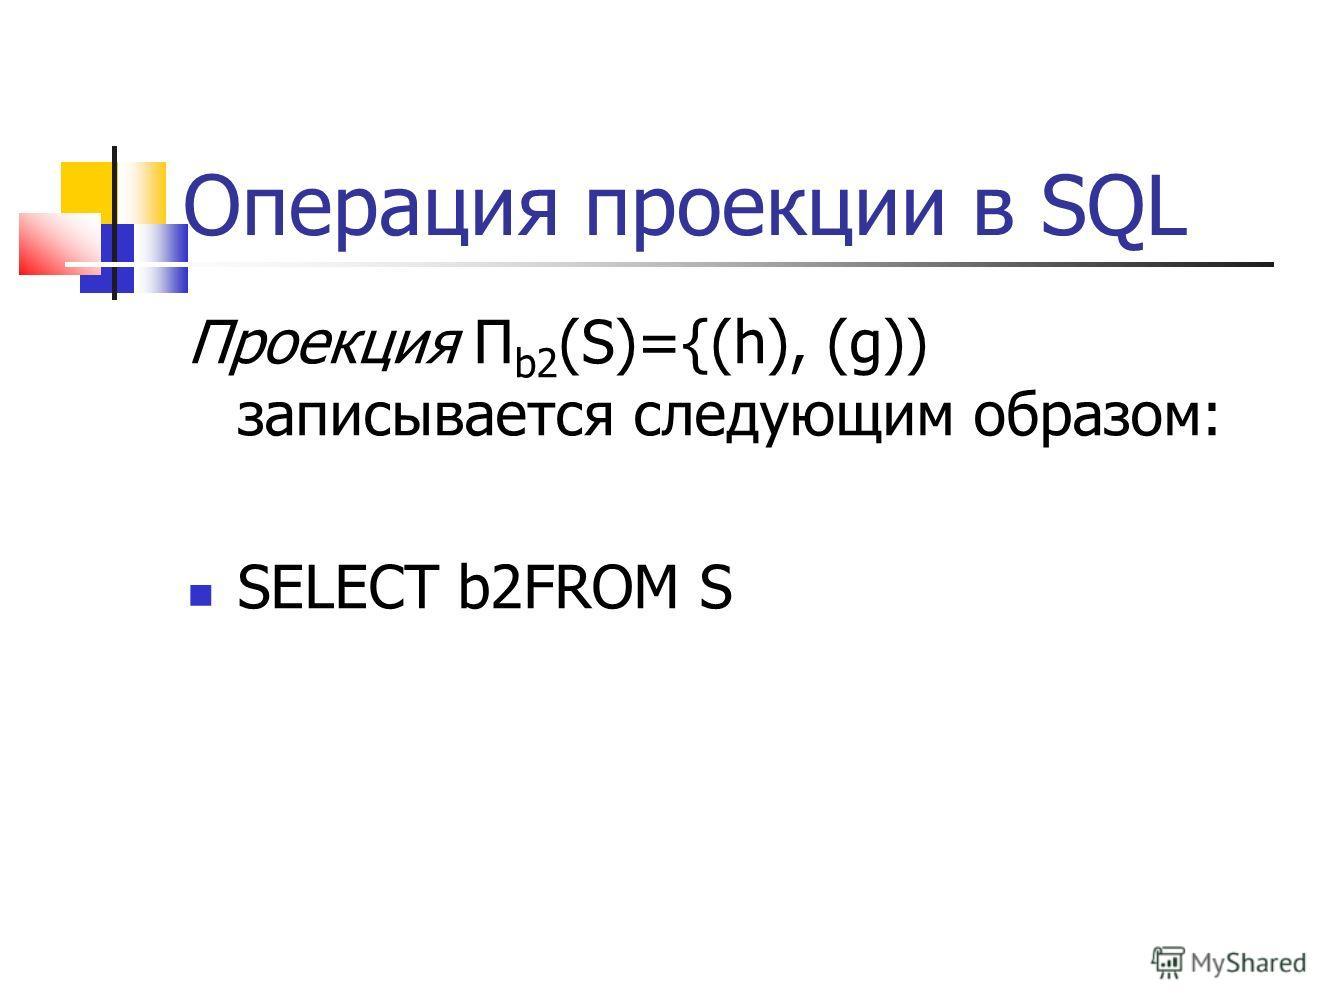 Операция проекции в SQL Проекция Π b2 (S)={(h), (g)) записывается следующим образом: SELECT b2FROM S